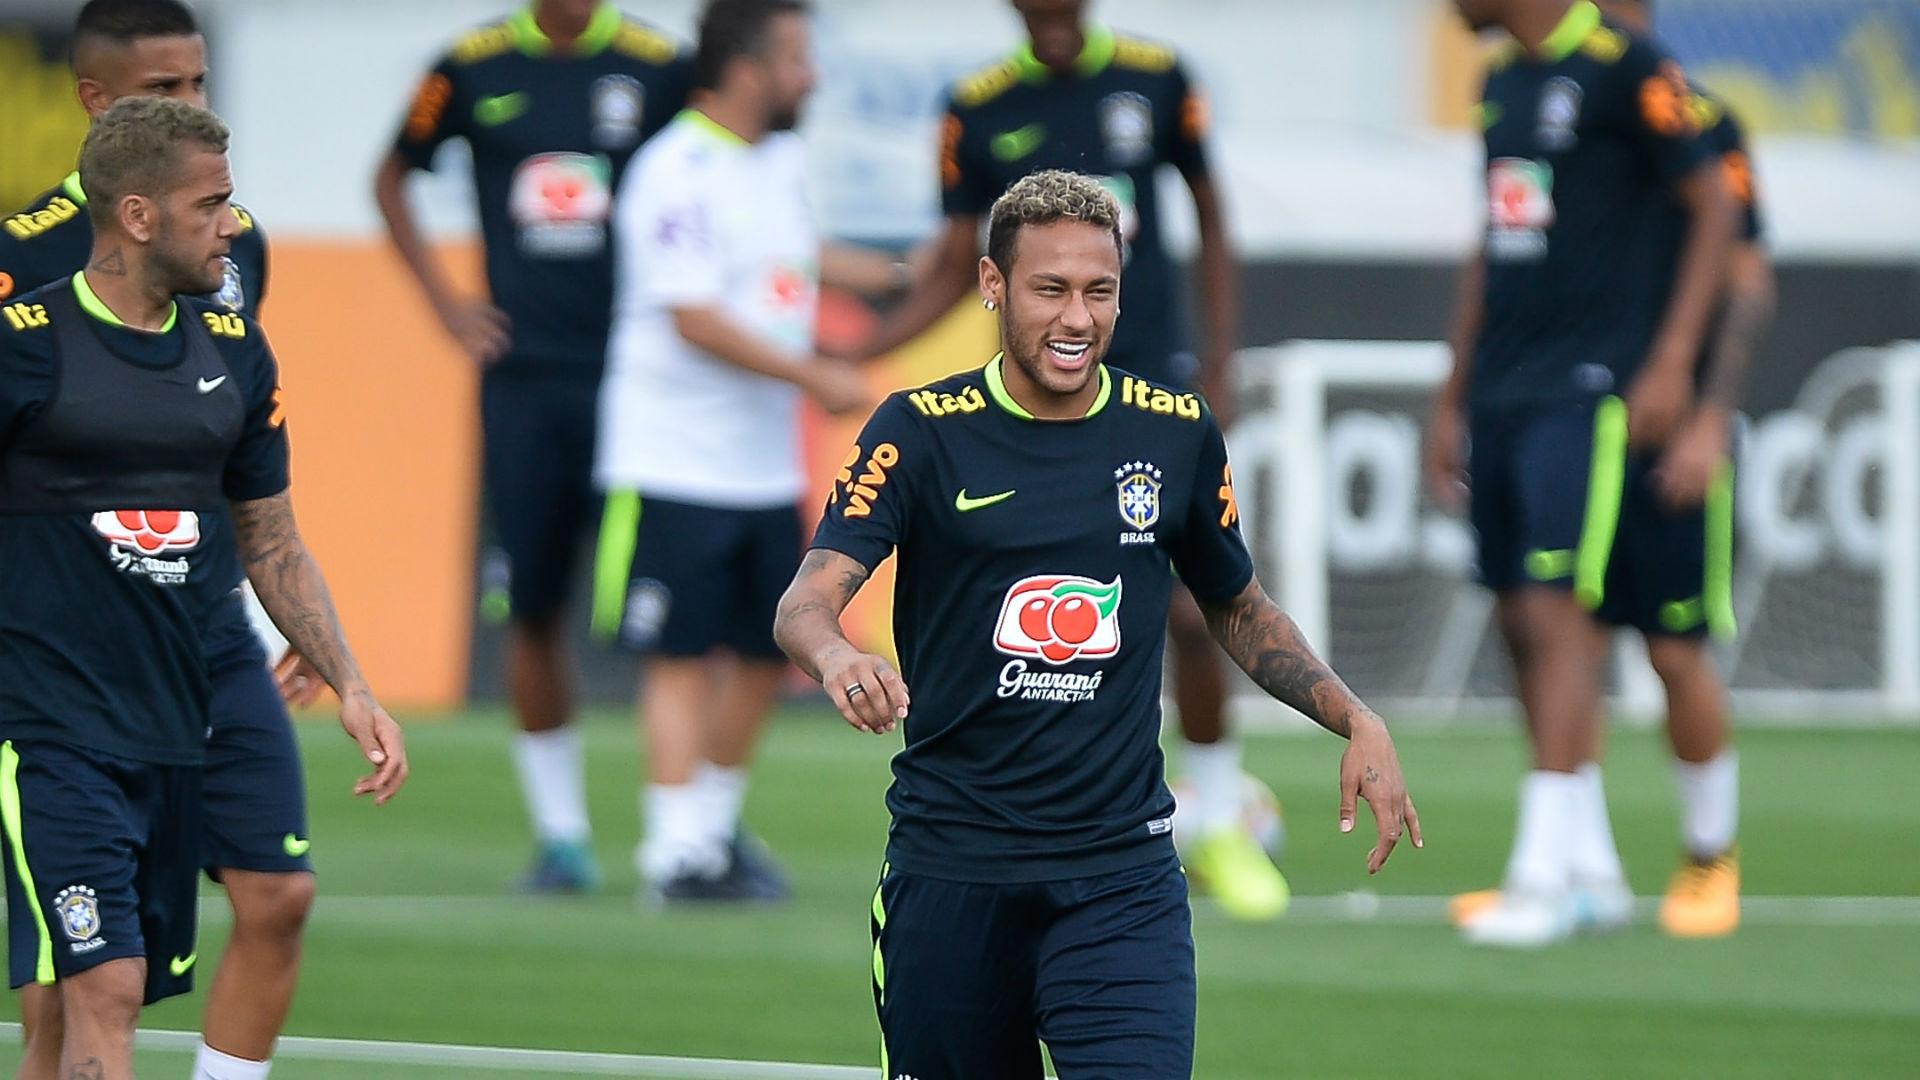 Efeito especial? Neymar faz gol improvável durante treino